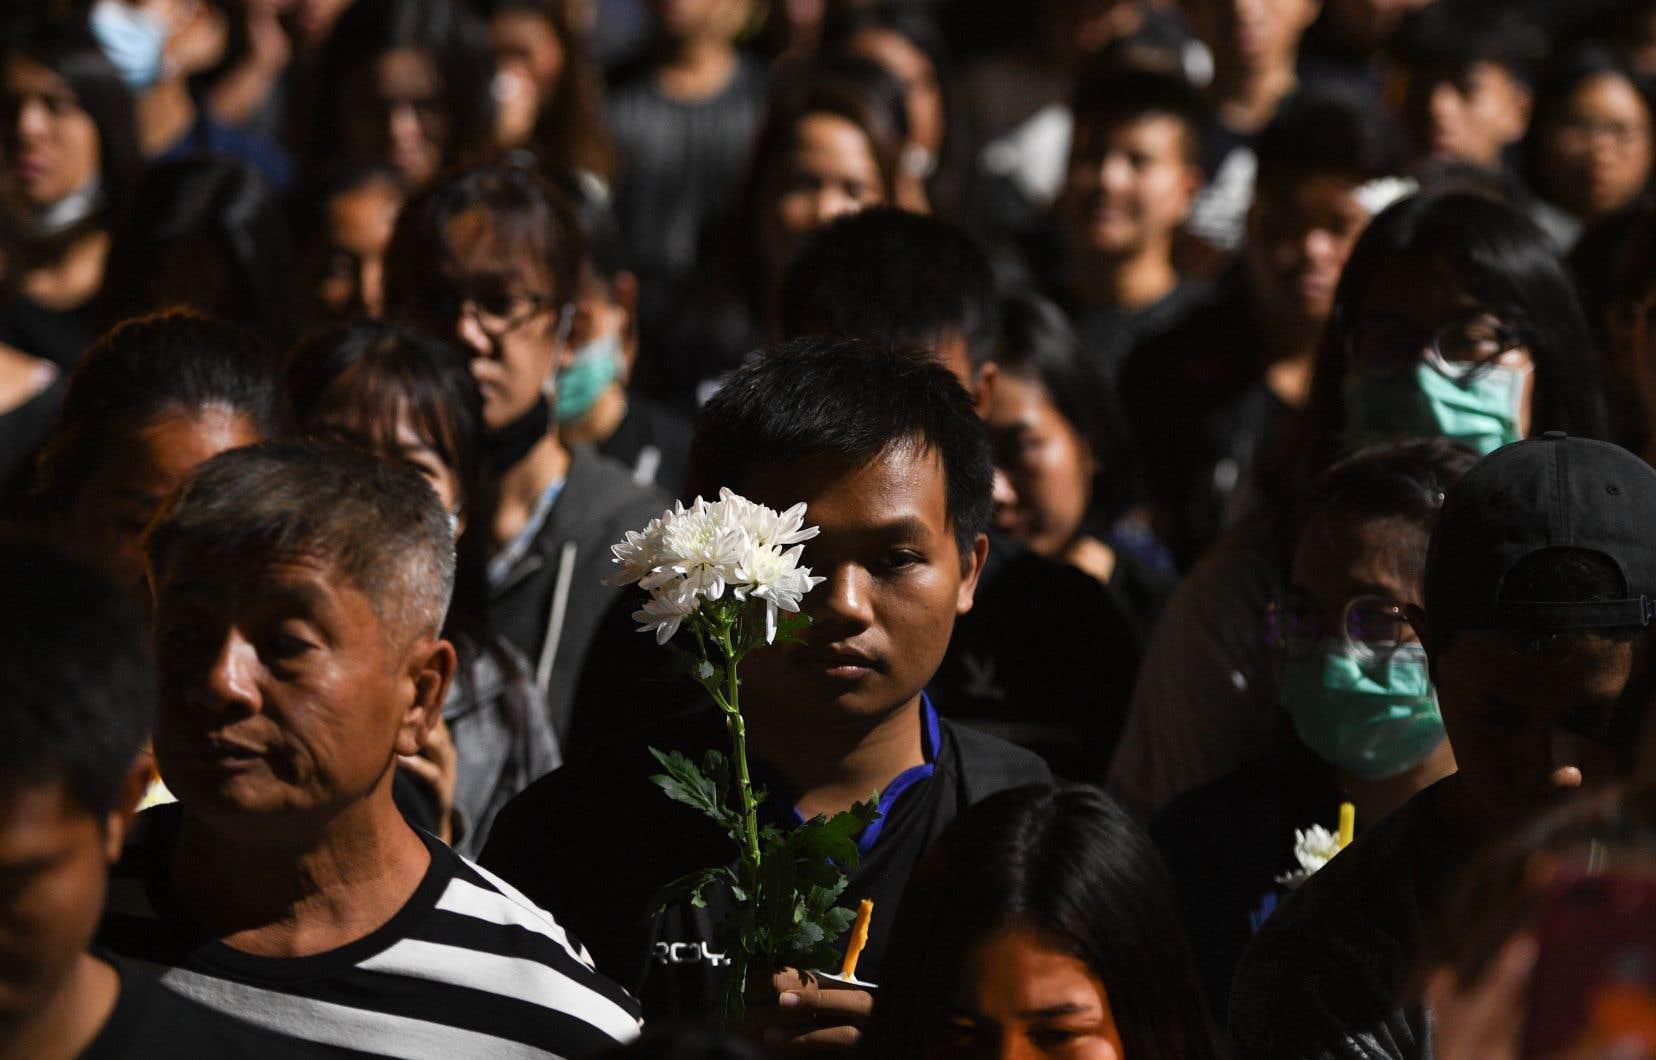 <p>Dimanche, des centaines de personnes se sont rassemblées près du centre commercial, ont allumé des bougies et prié en mémoire des victimes alors que des moines récitaient des prières.</p>